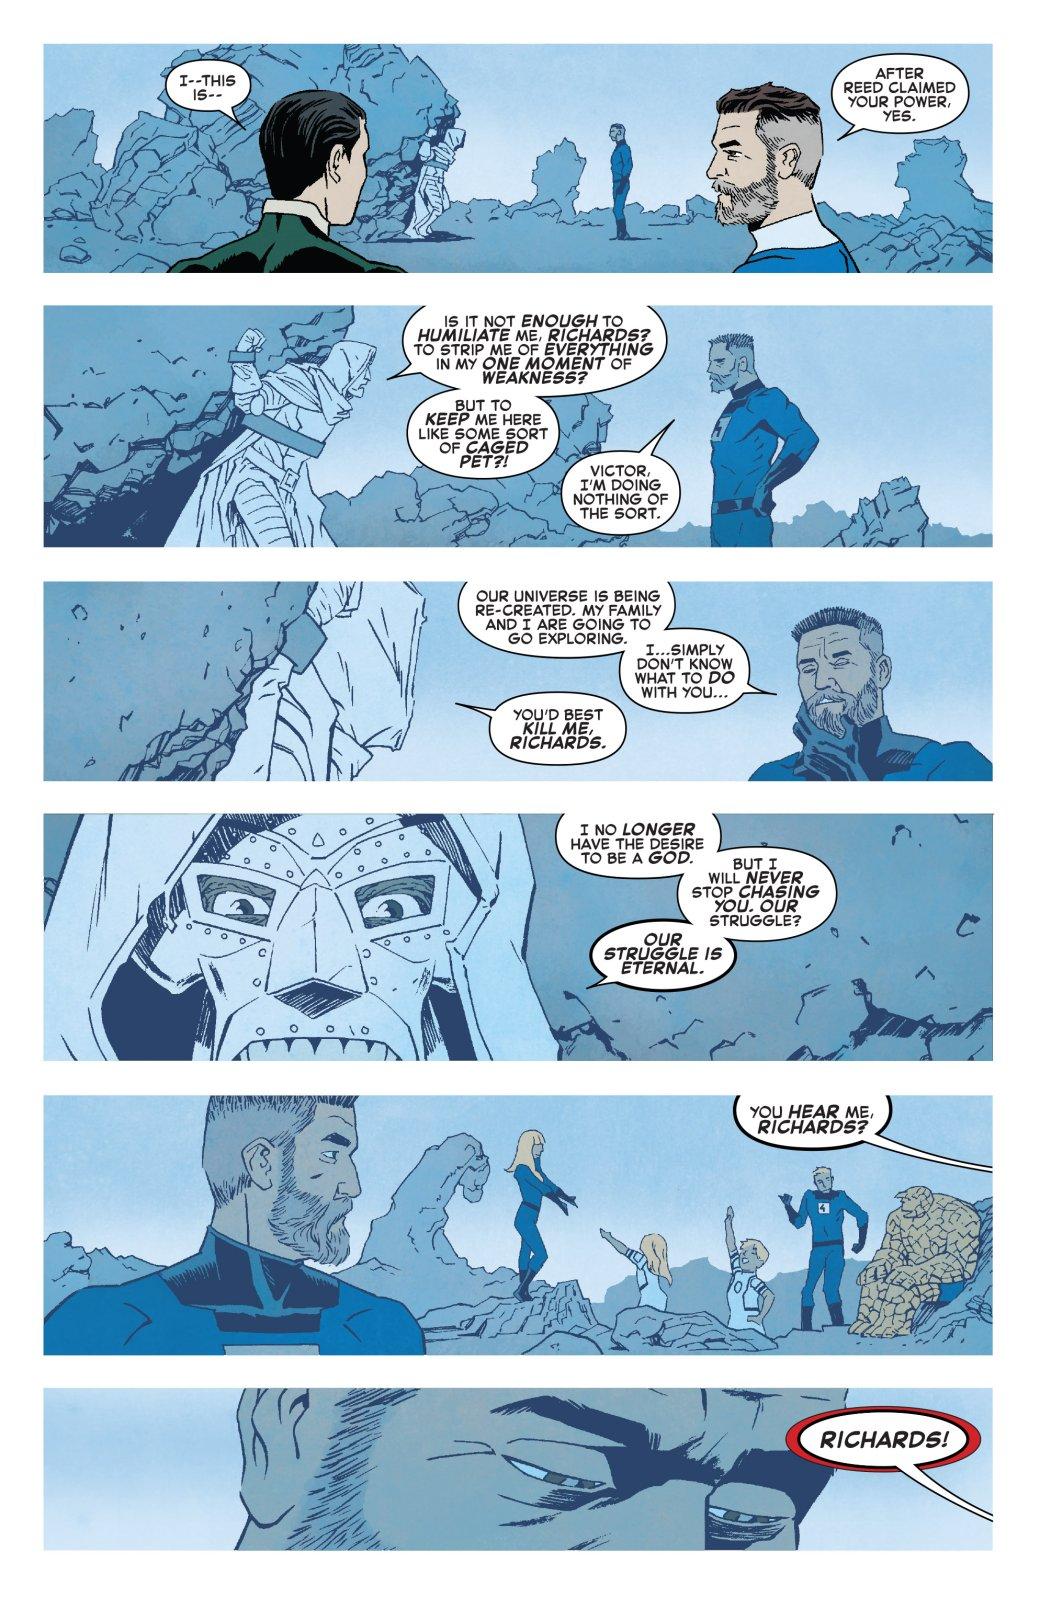 Теперь официально: почему насамом деле Доктор Дум стал супергероем?. - Изображение 1